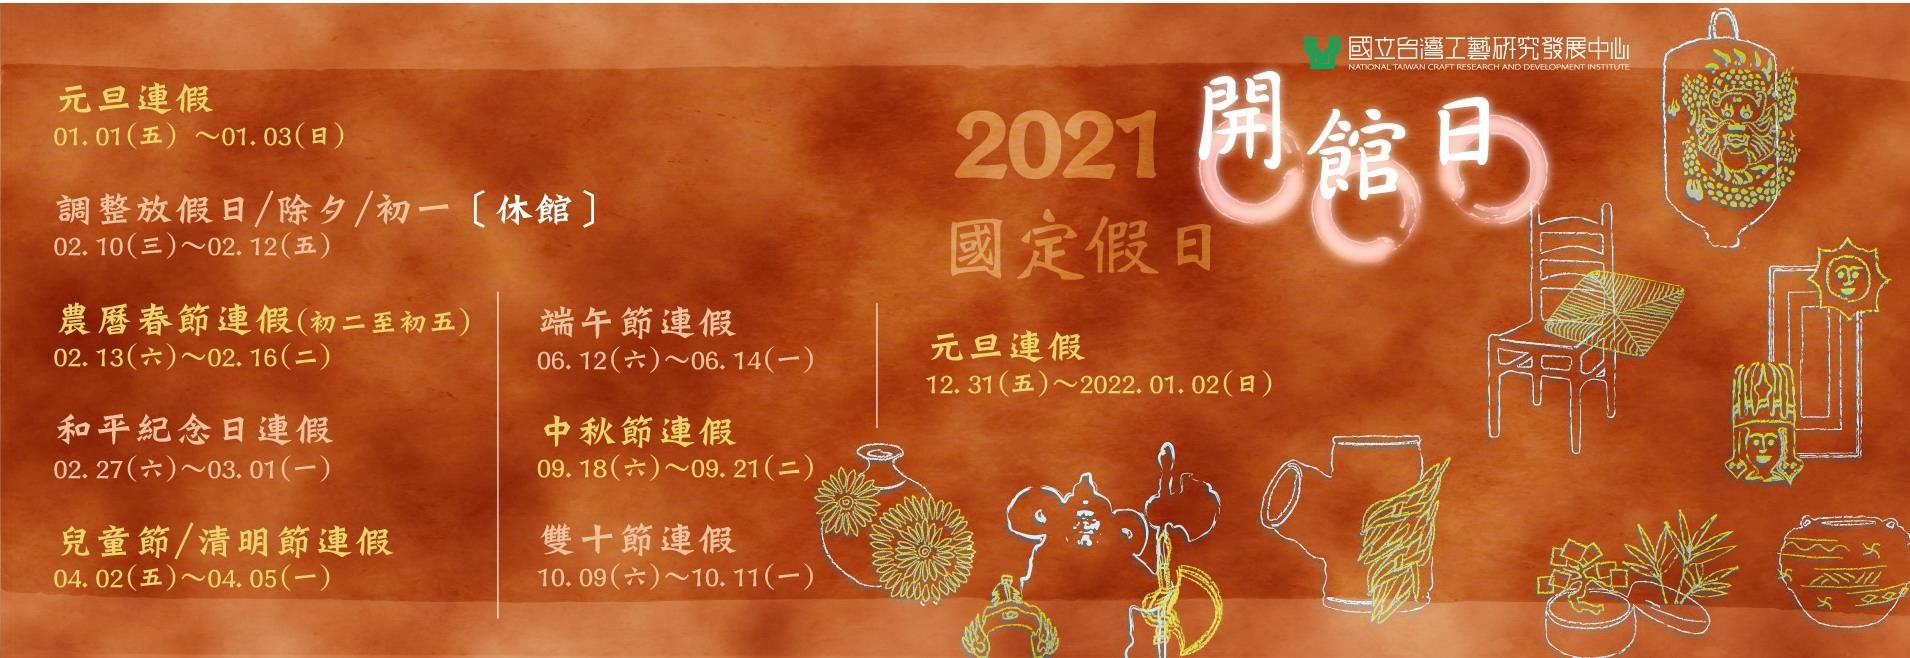 國立臺灣工藝研究發展中心(含外館)2021年國定假日園區正常開館日「另開新視窗」